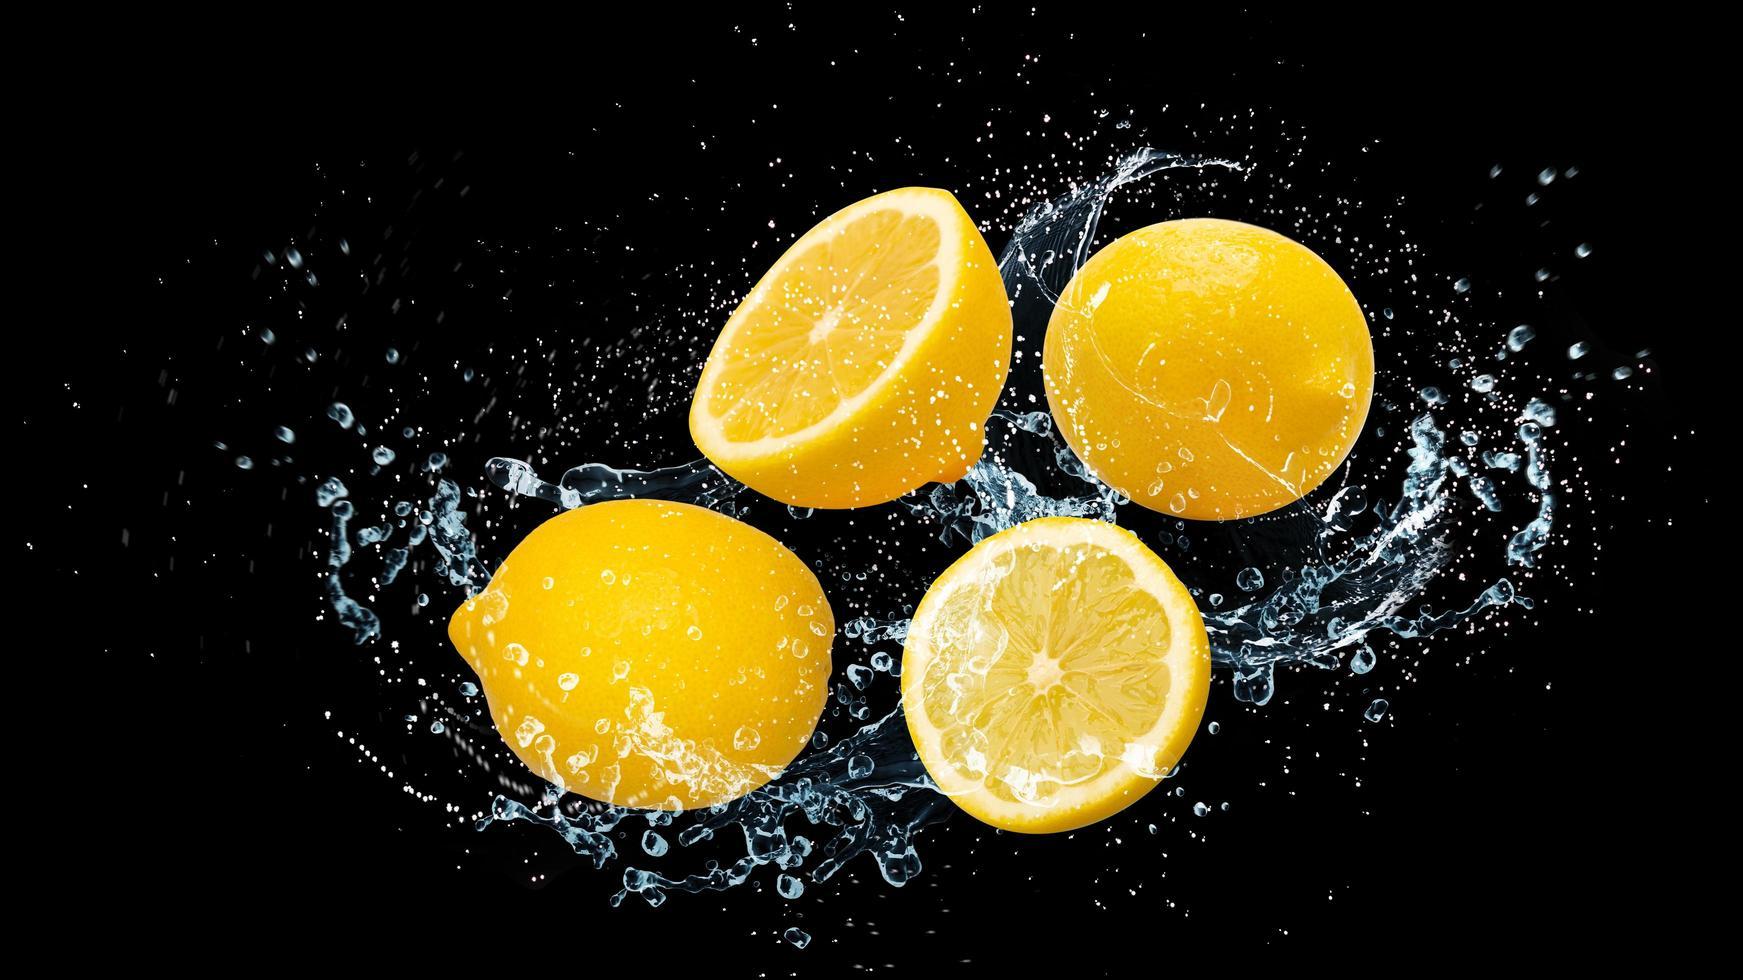 Zitronen mit Wasser foto